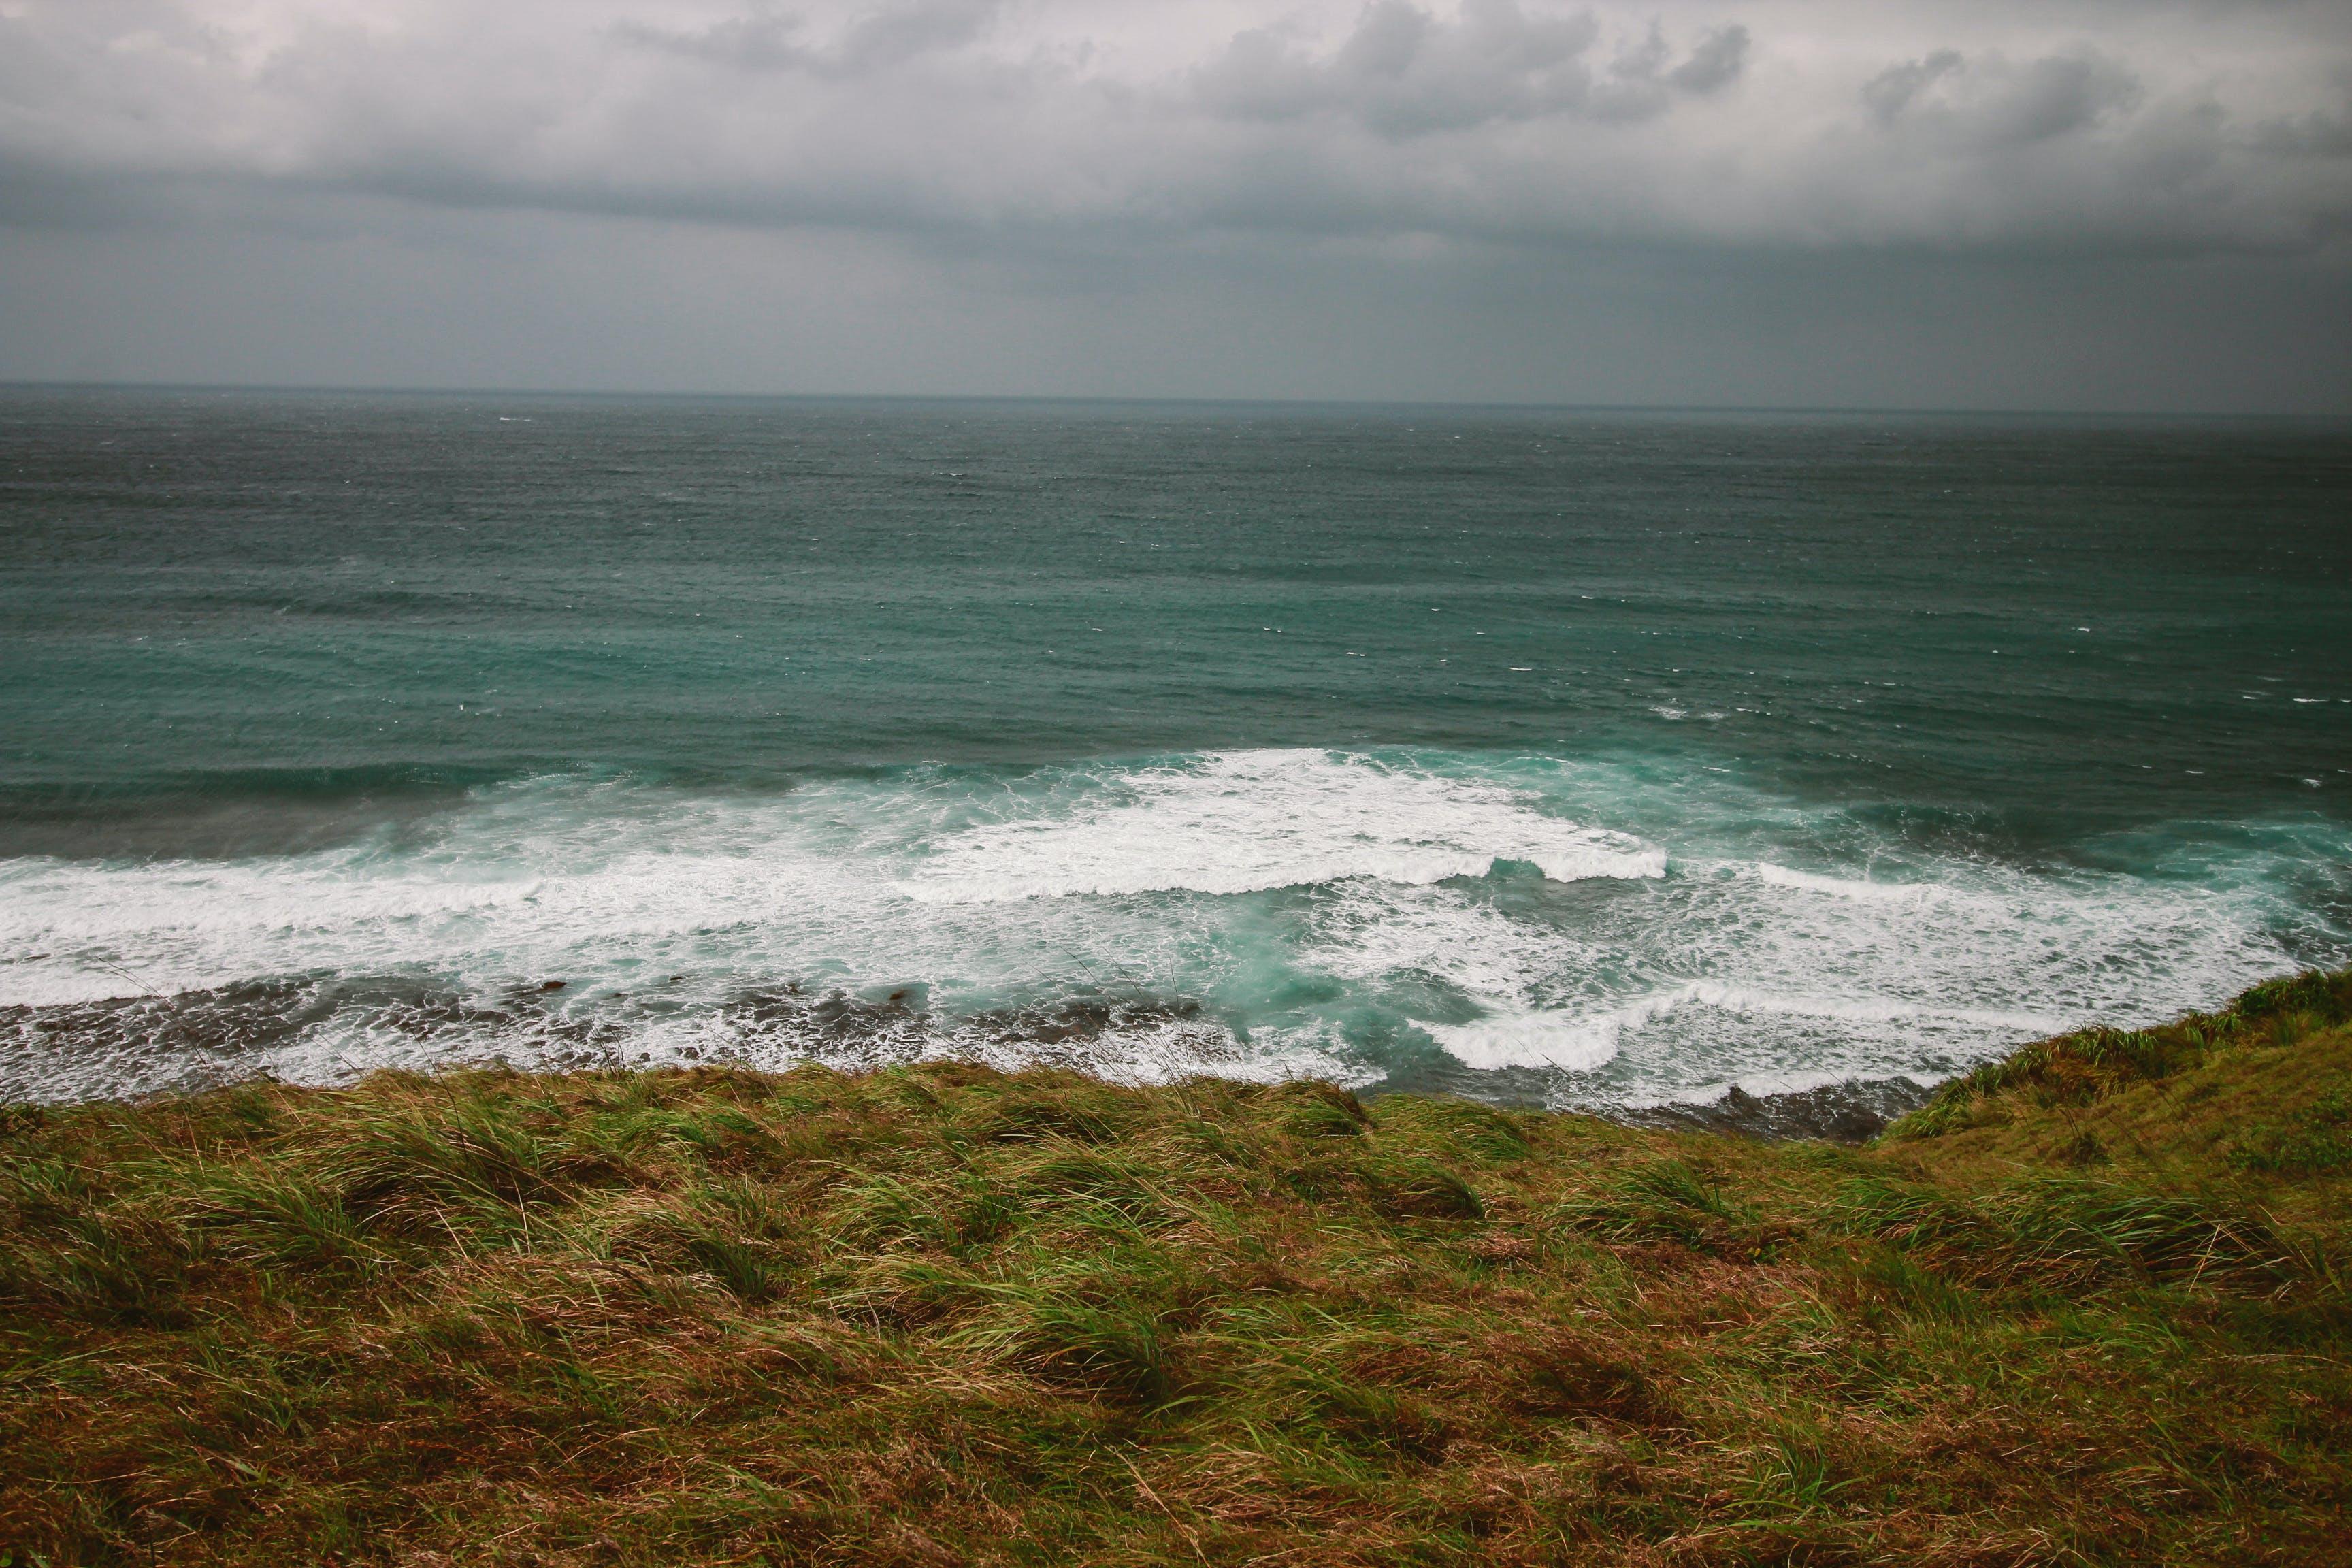 サーフィン, シースケープ, ビーチ, 夜明けの無料の写真素材